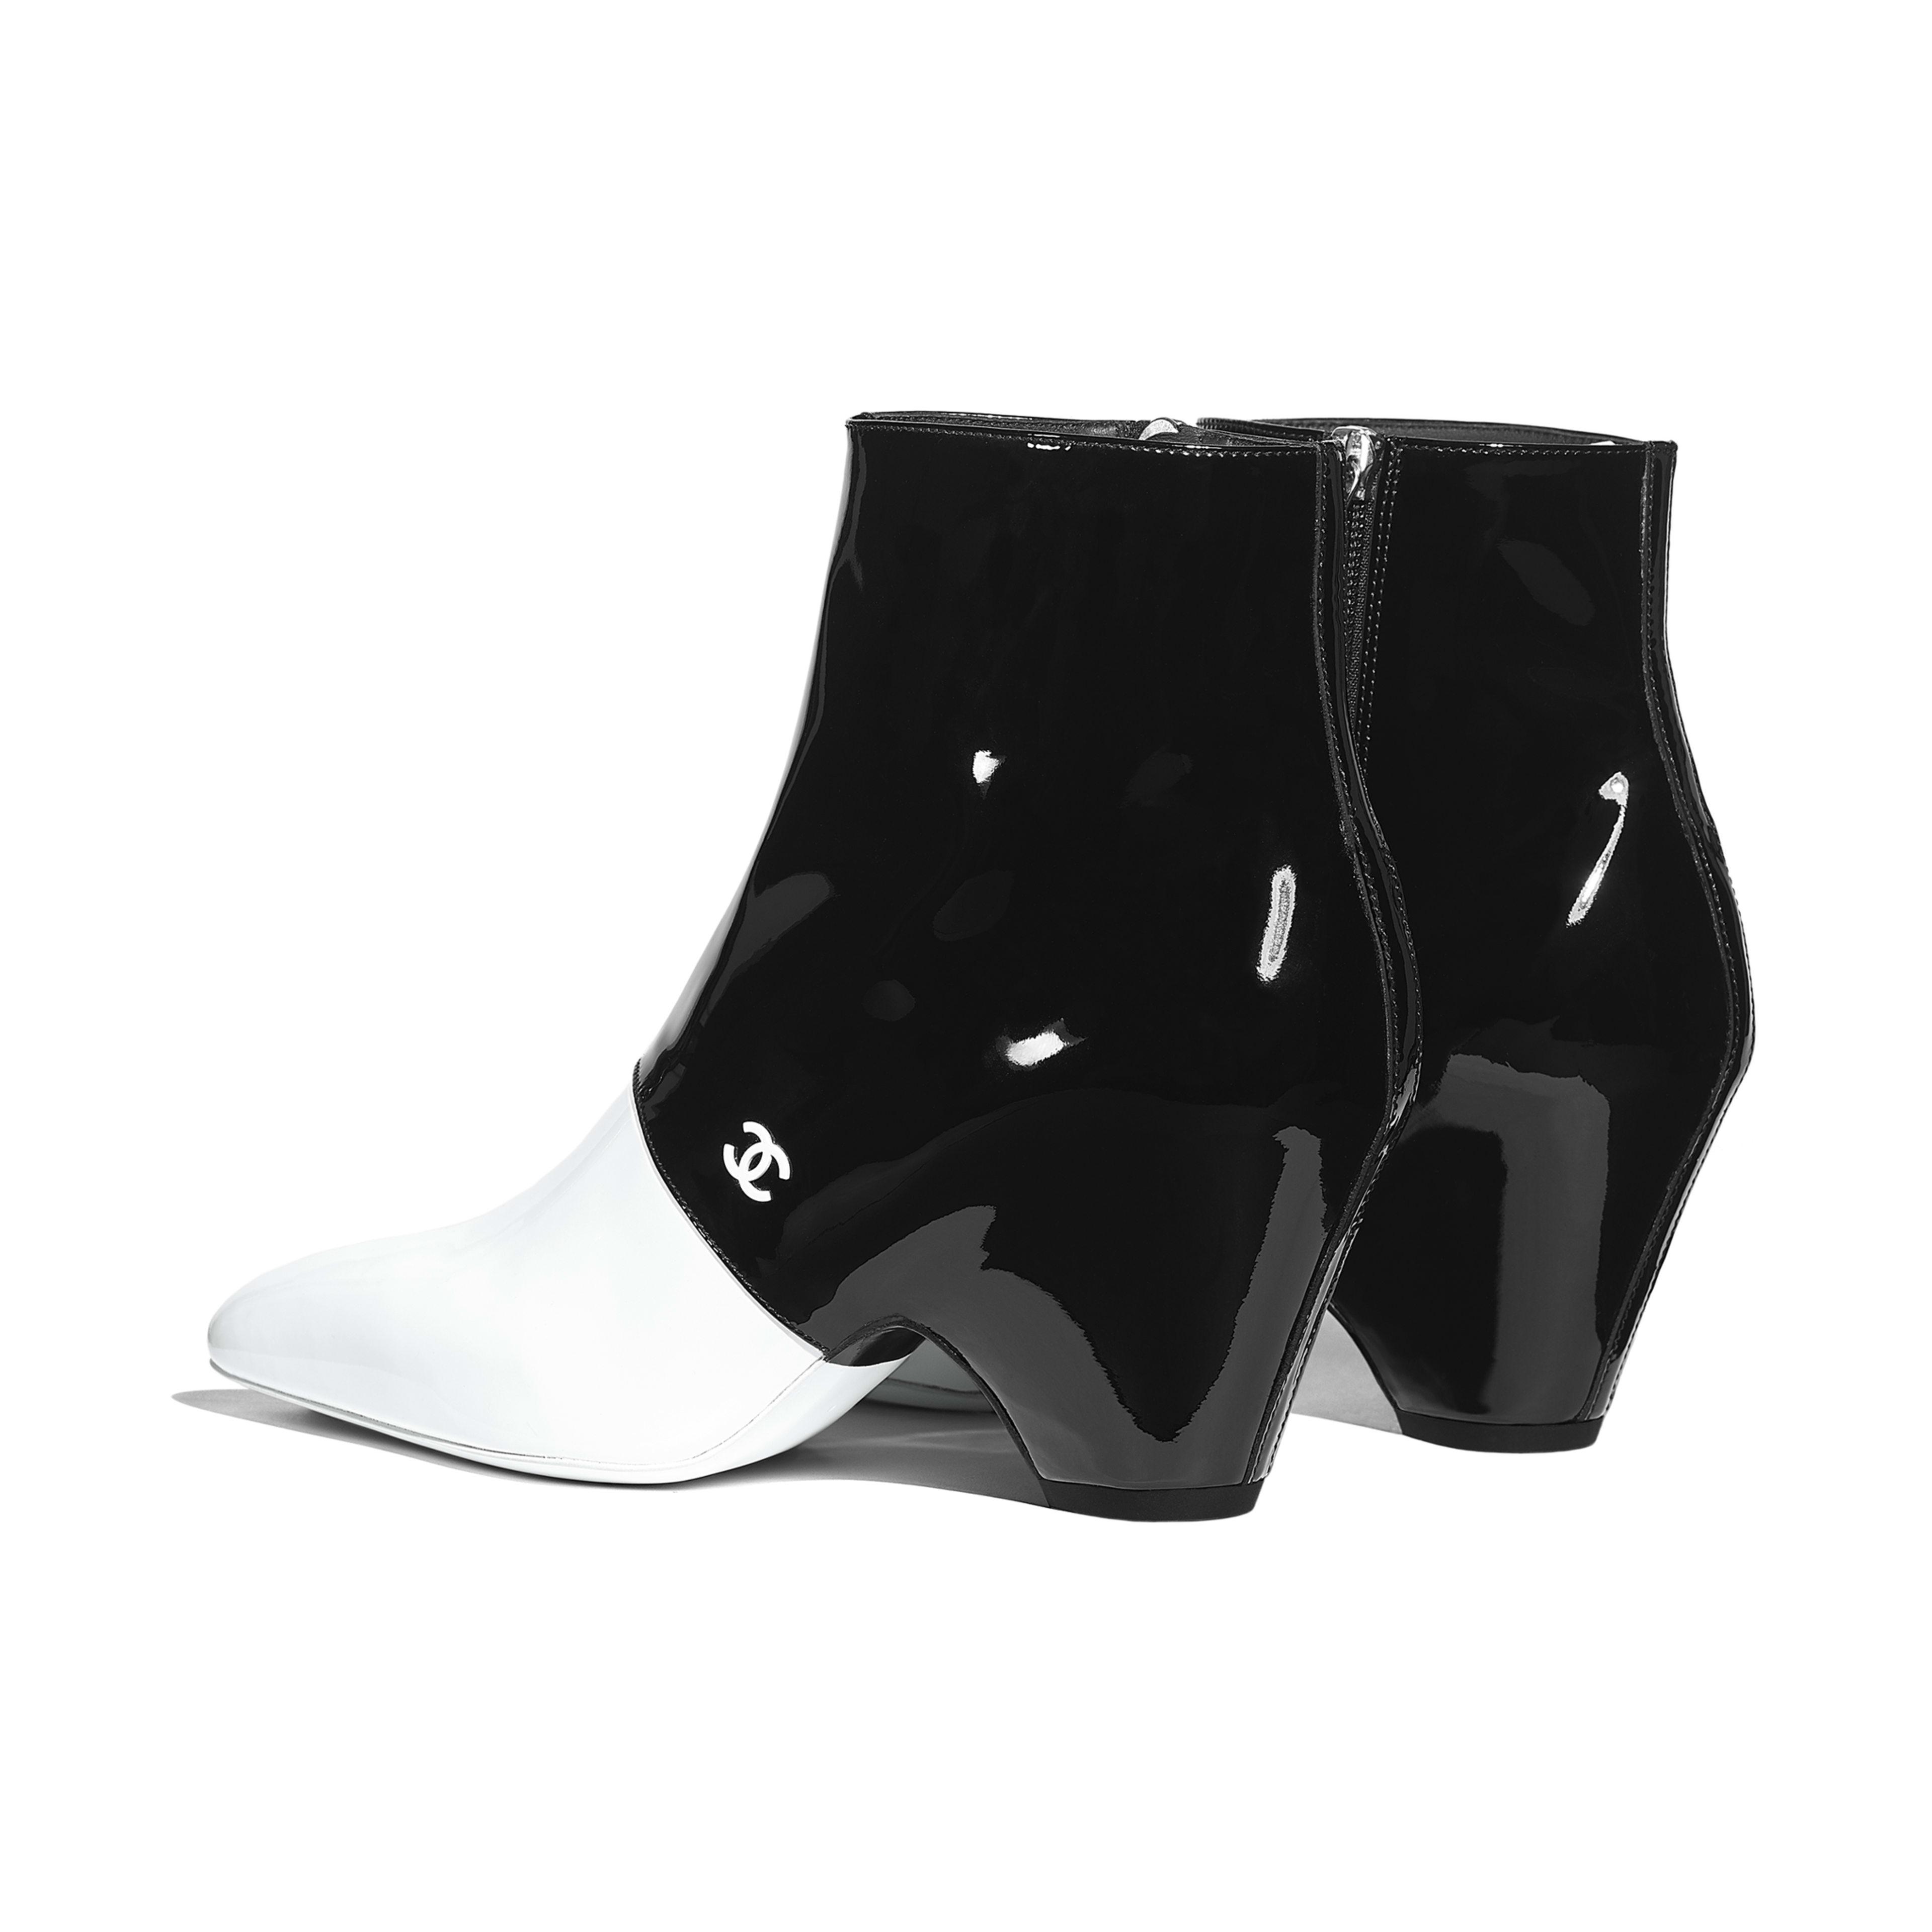 รองเท้าบู้ทสั้น - สีขาวและสีดำ - หนังลูกวัวเคลือบเงา - มุมมองอื่น - ดูเวอร์ชันขนาดเต็ม